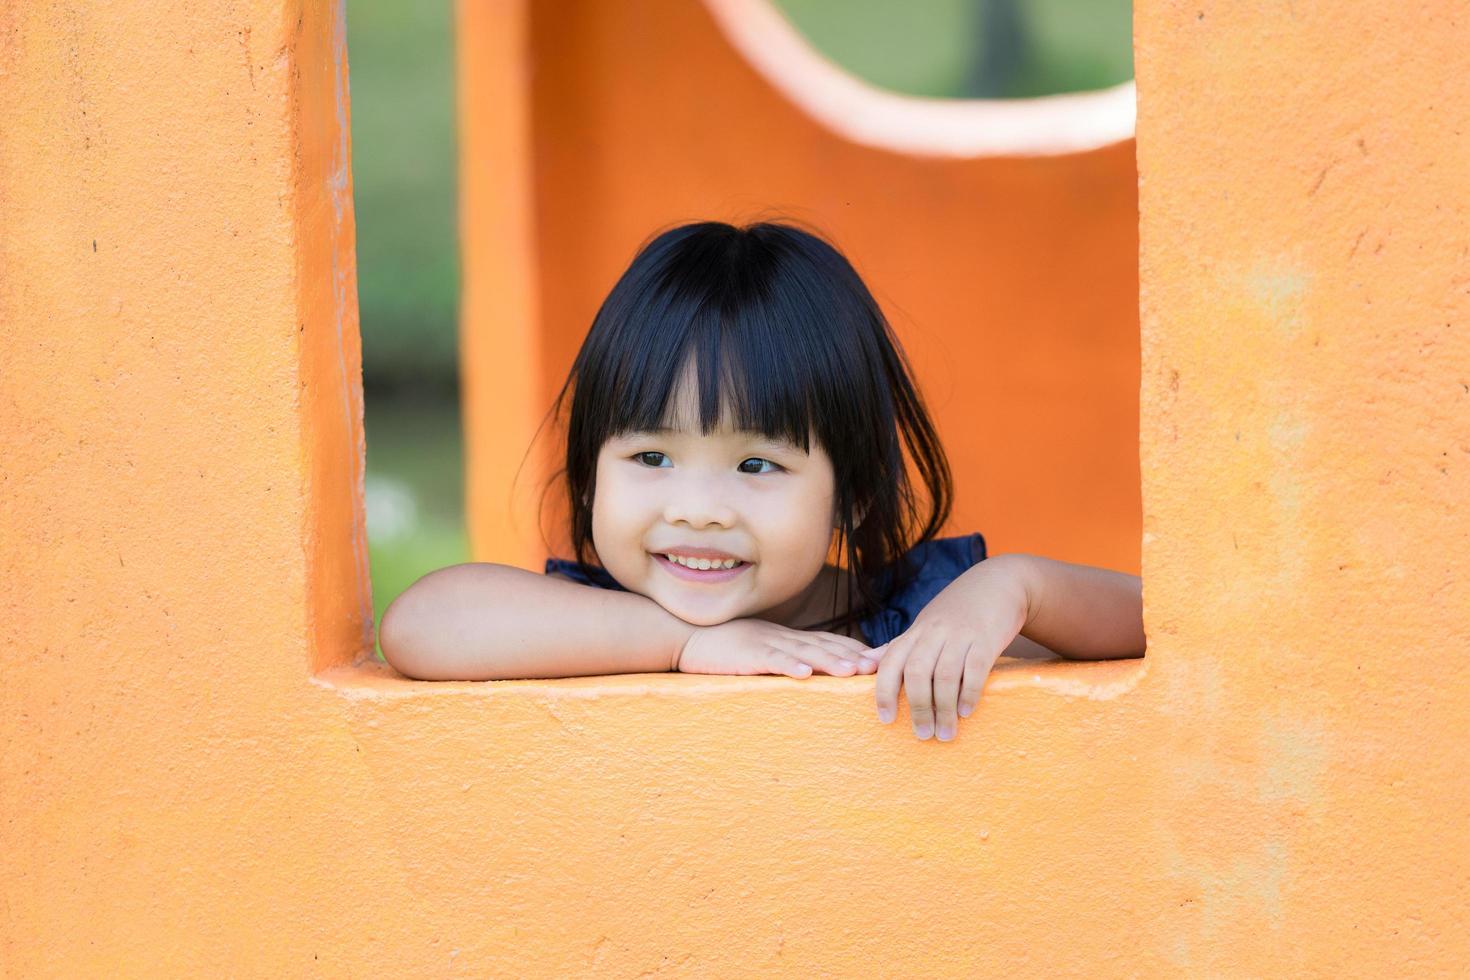 giovane ragazza asiatica nella finestra gode di un parco giochi foto